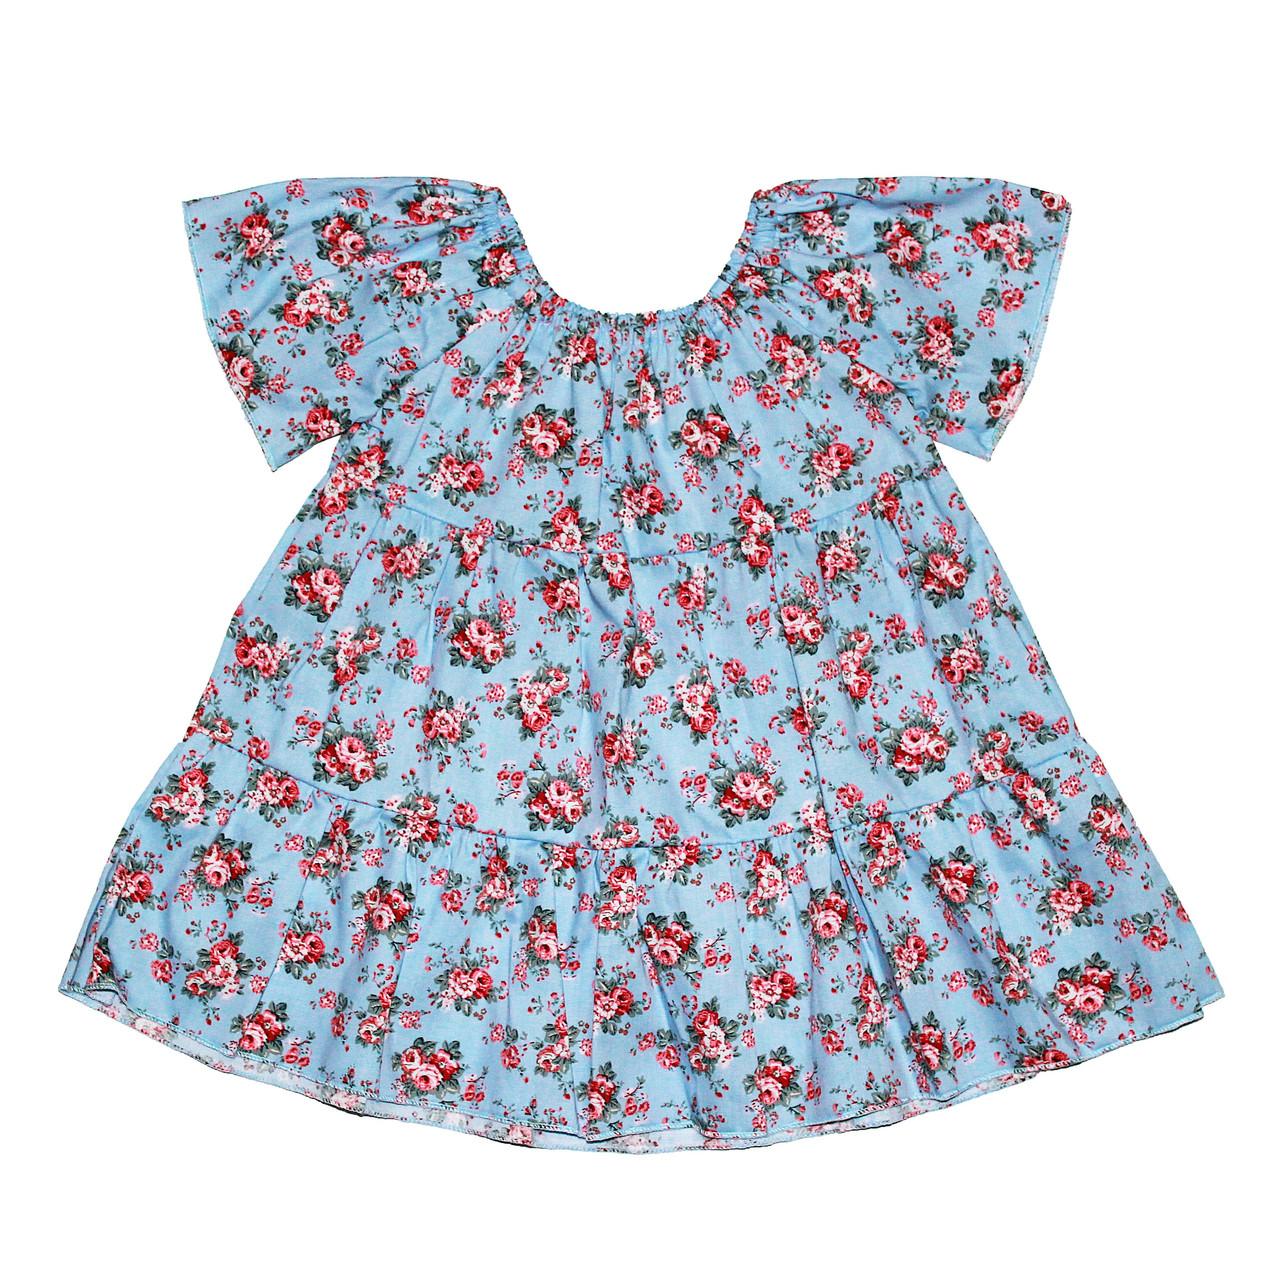 Платье Andriana Kids голубое в цветочки 18,24,36 мес